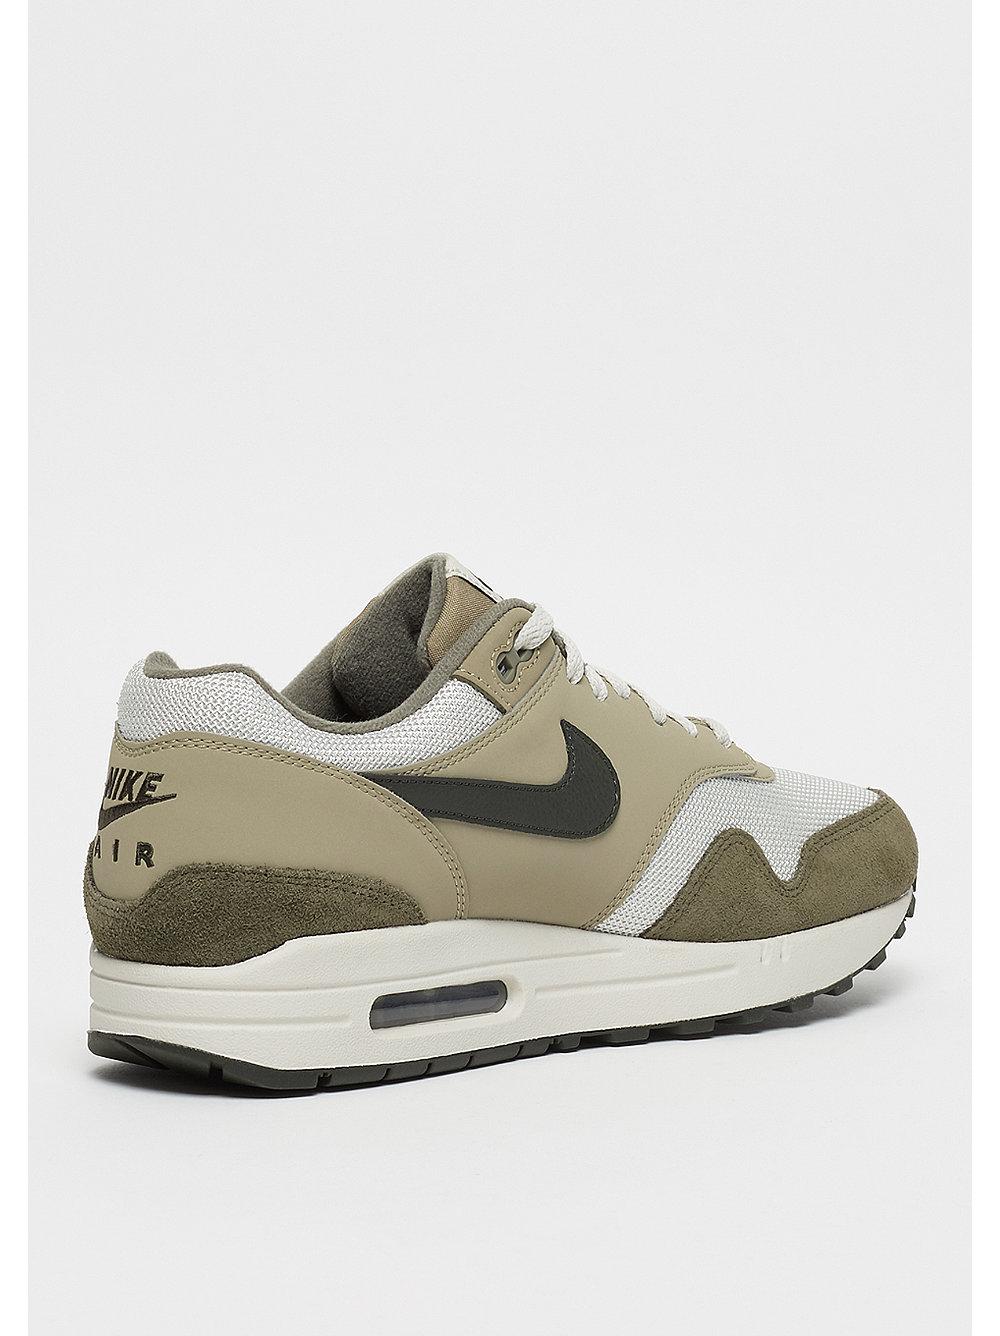 best sneakers 66b4a 9cec5 Ya Snipes Nike En La Max Zapatilla De Air Medium 1 Está axn0Ov1wq